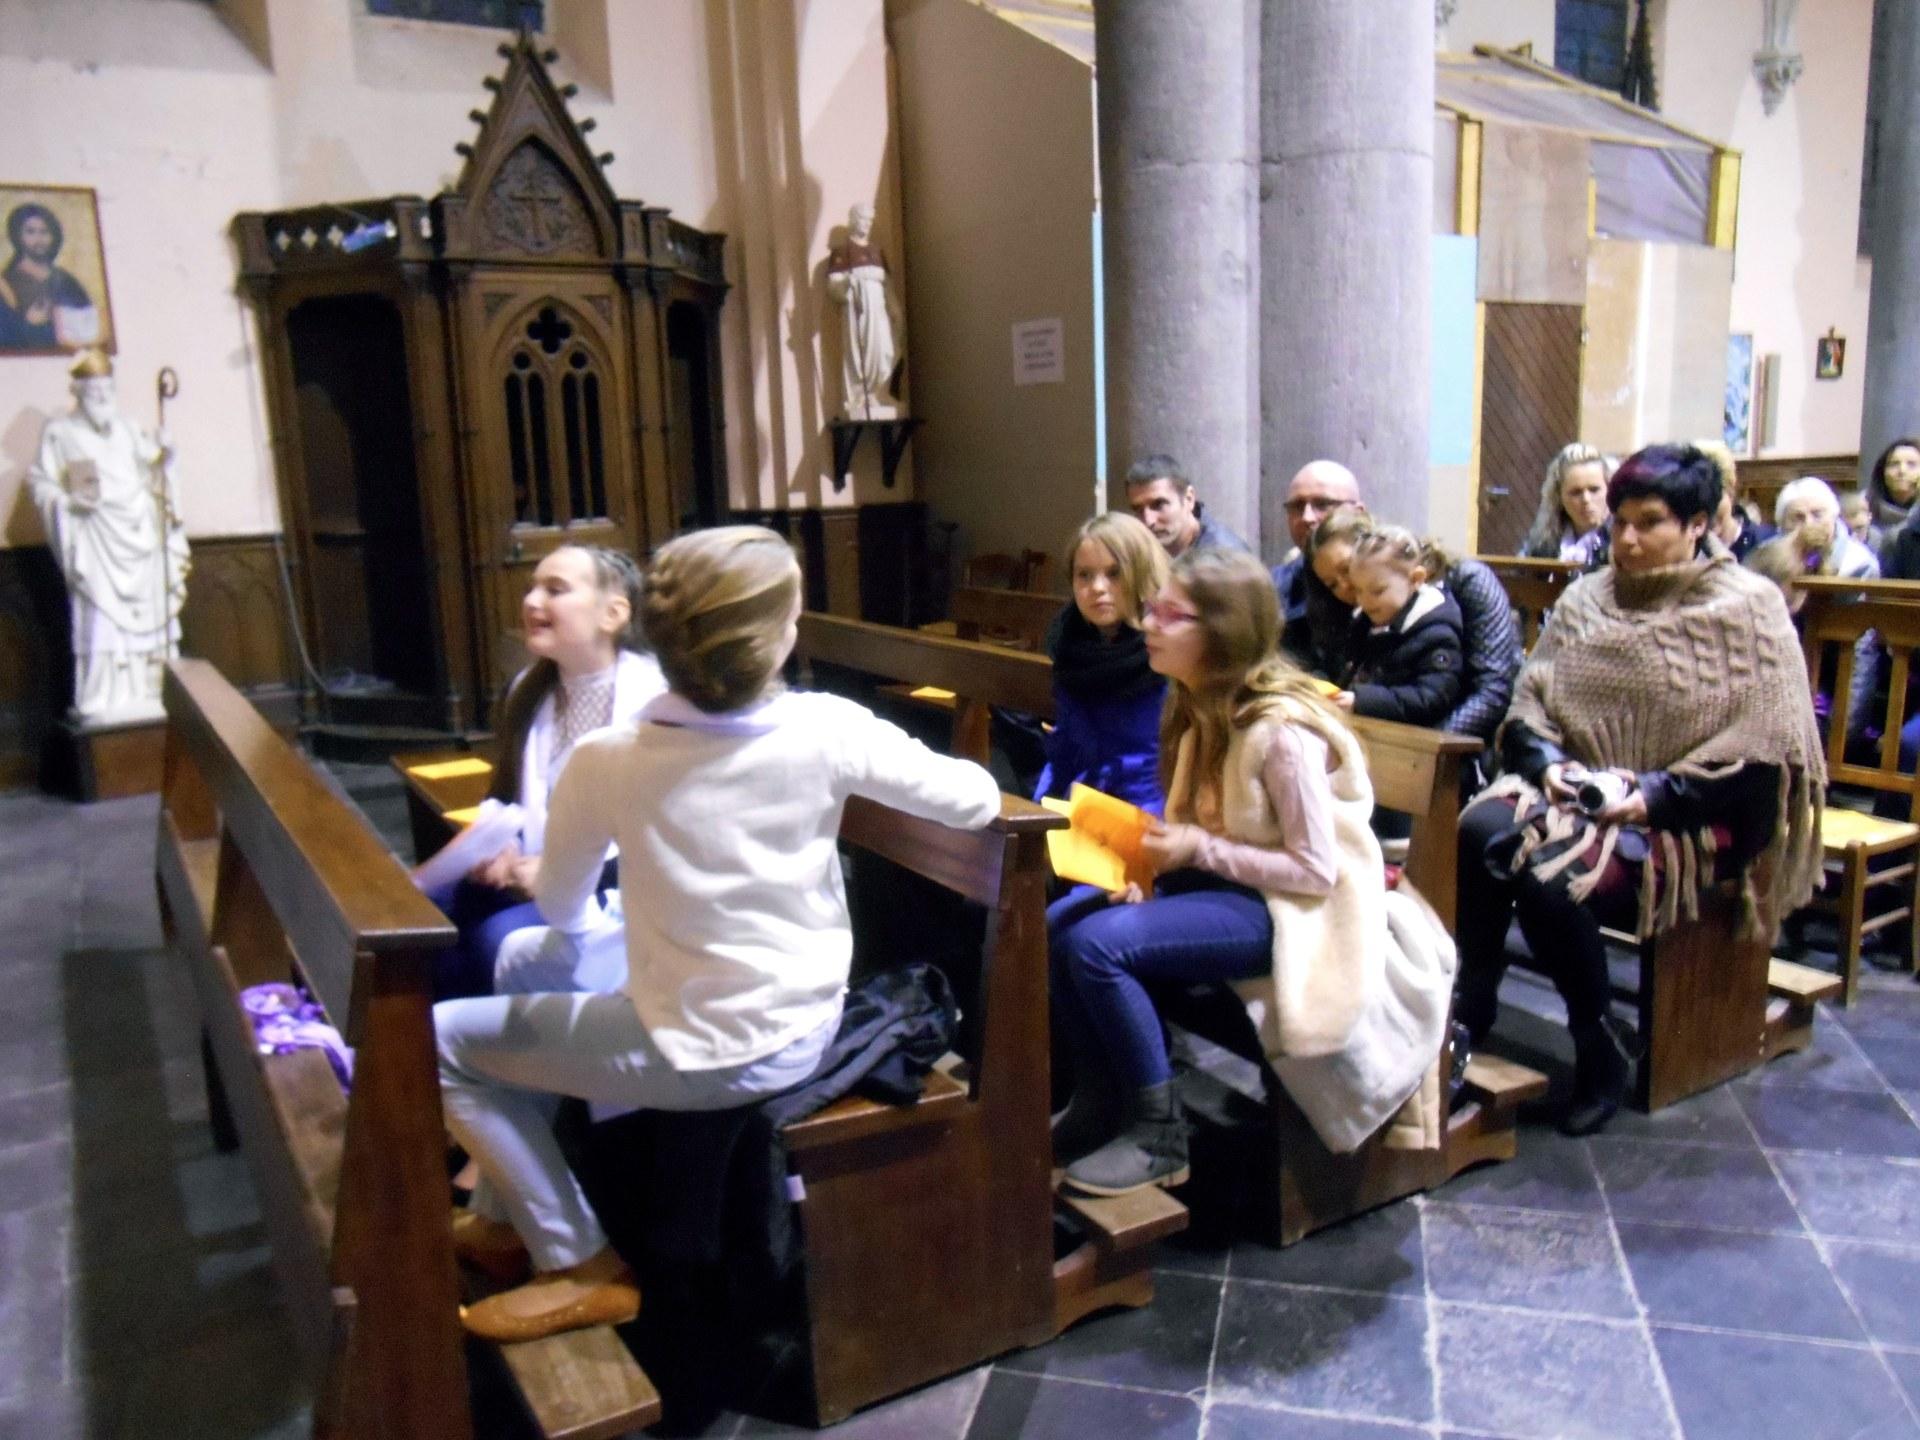 2017-02-04 - Premie#res communions a# Rousies - 01